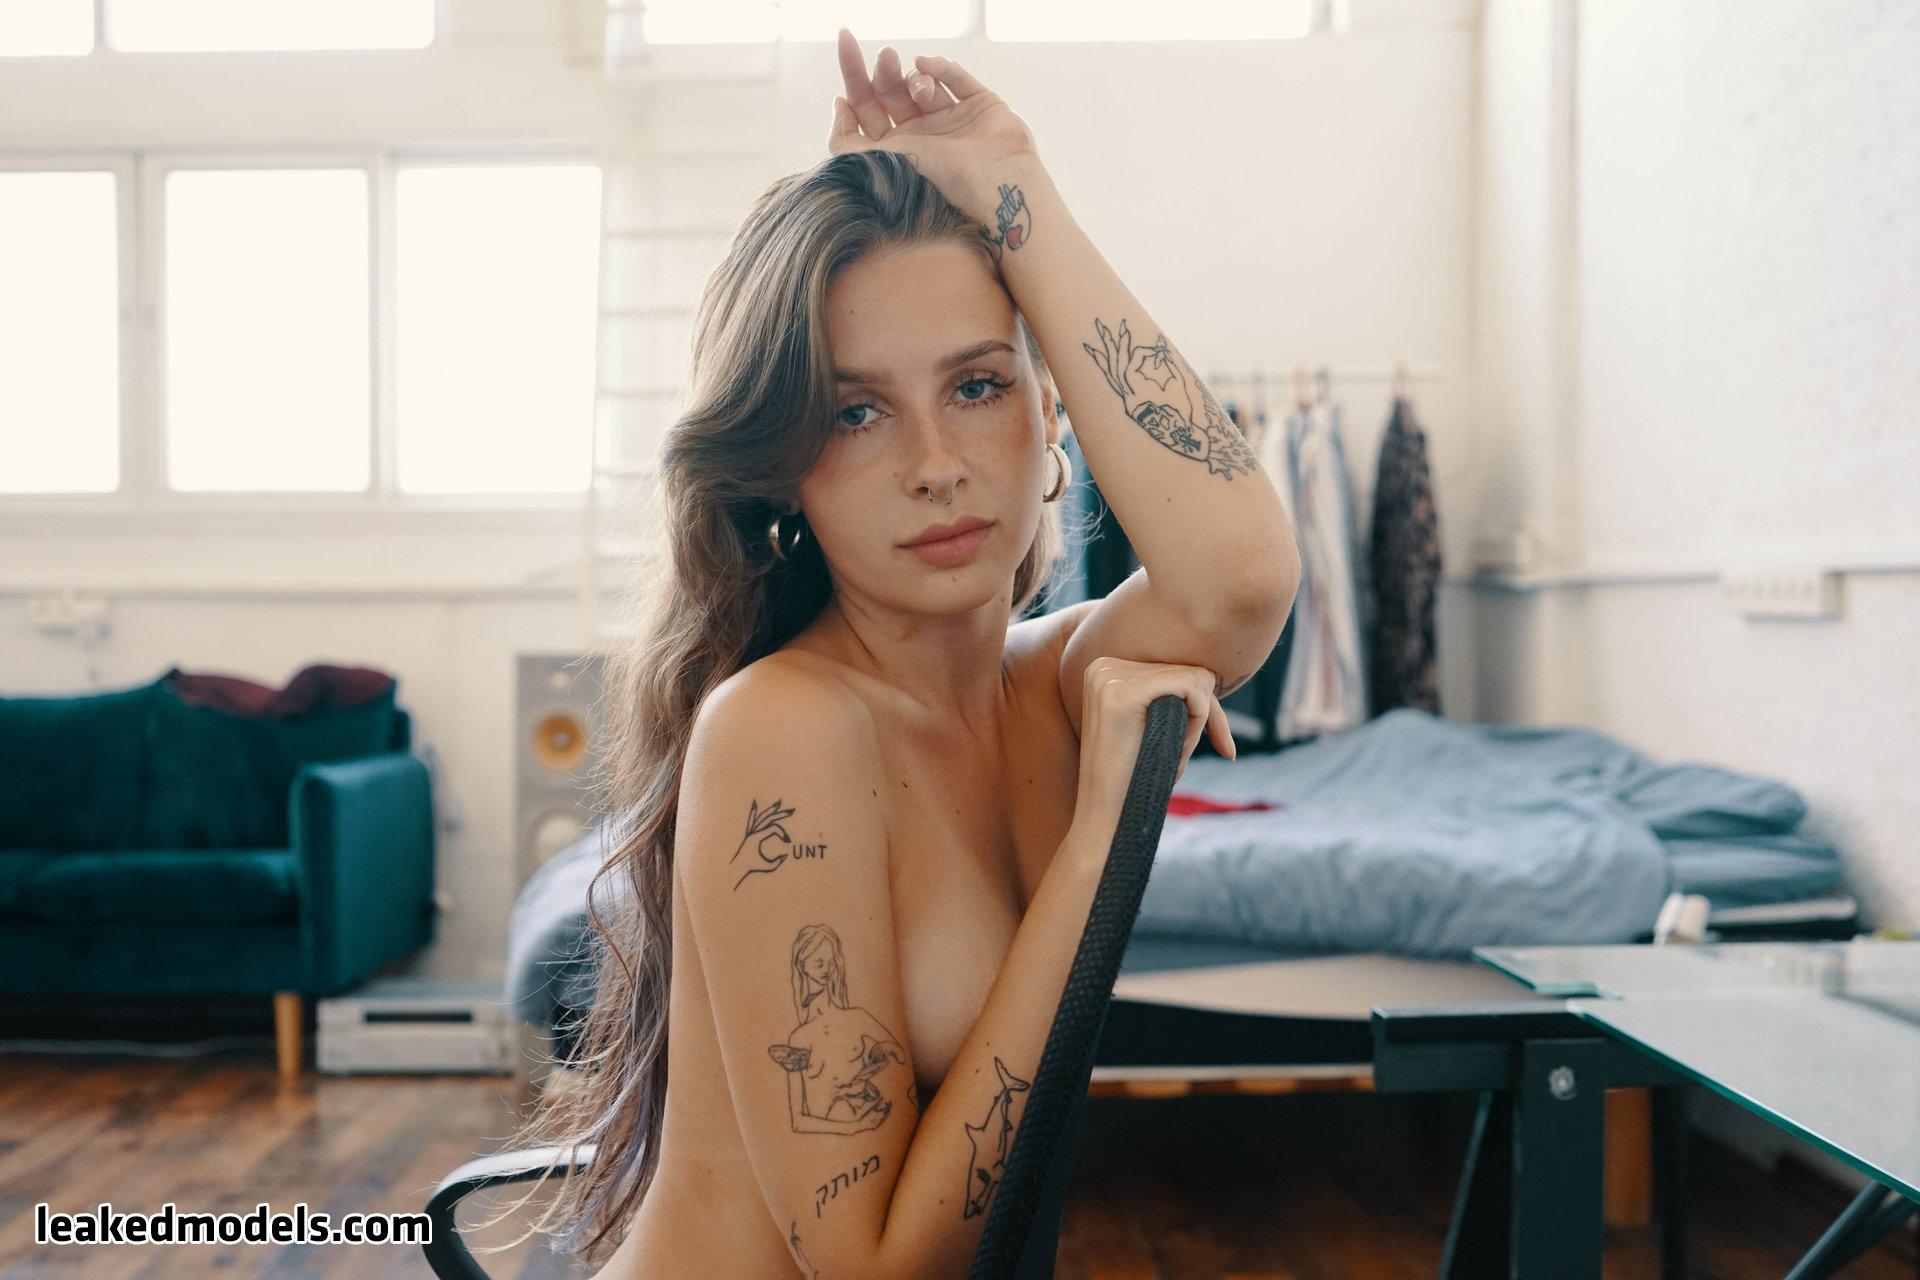 Helga Briman – helga__briman Instagram Nude Leaks (25 Photos)